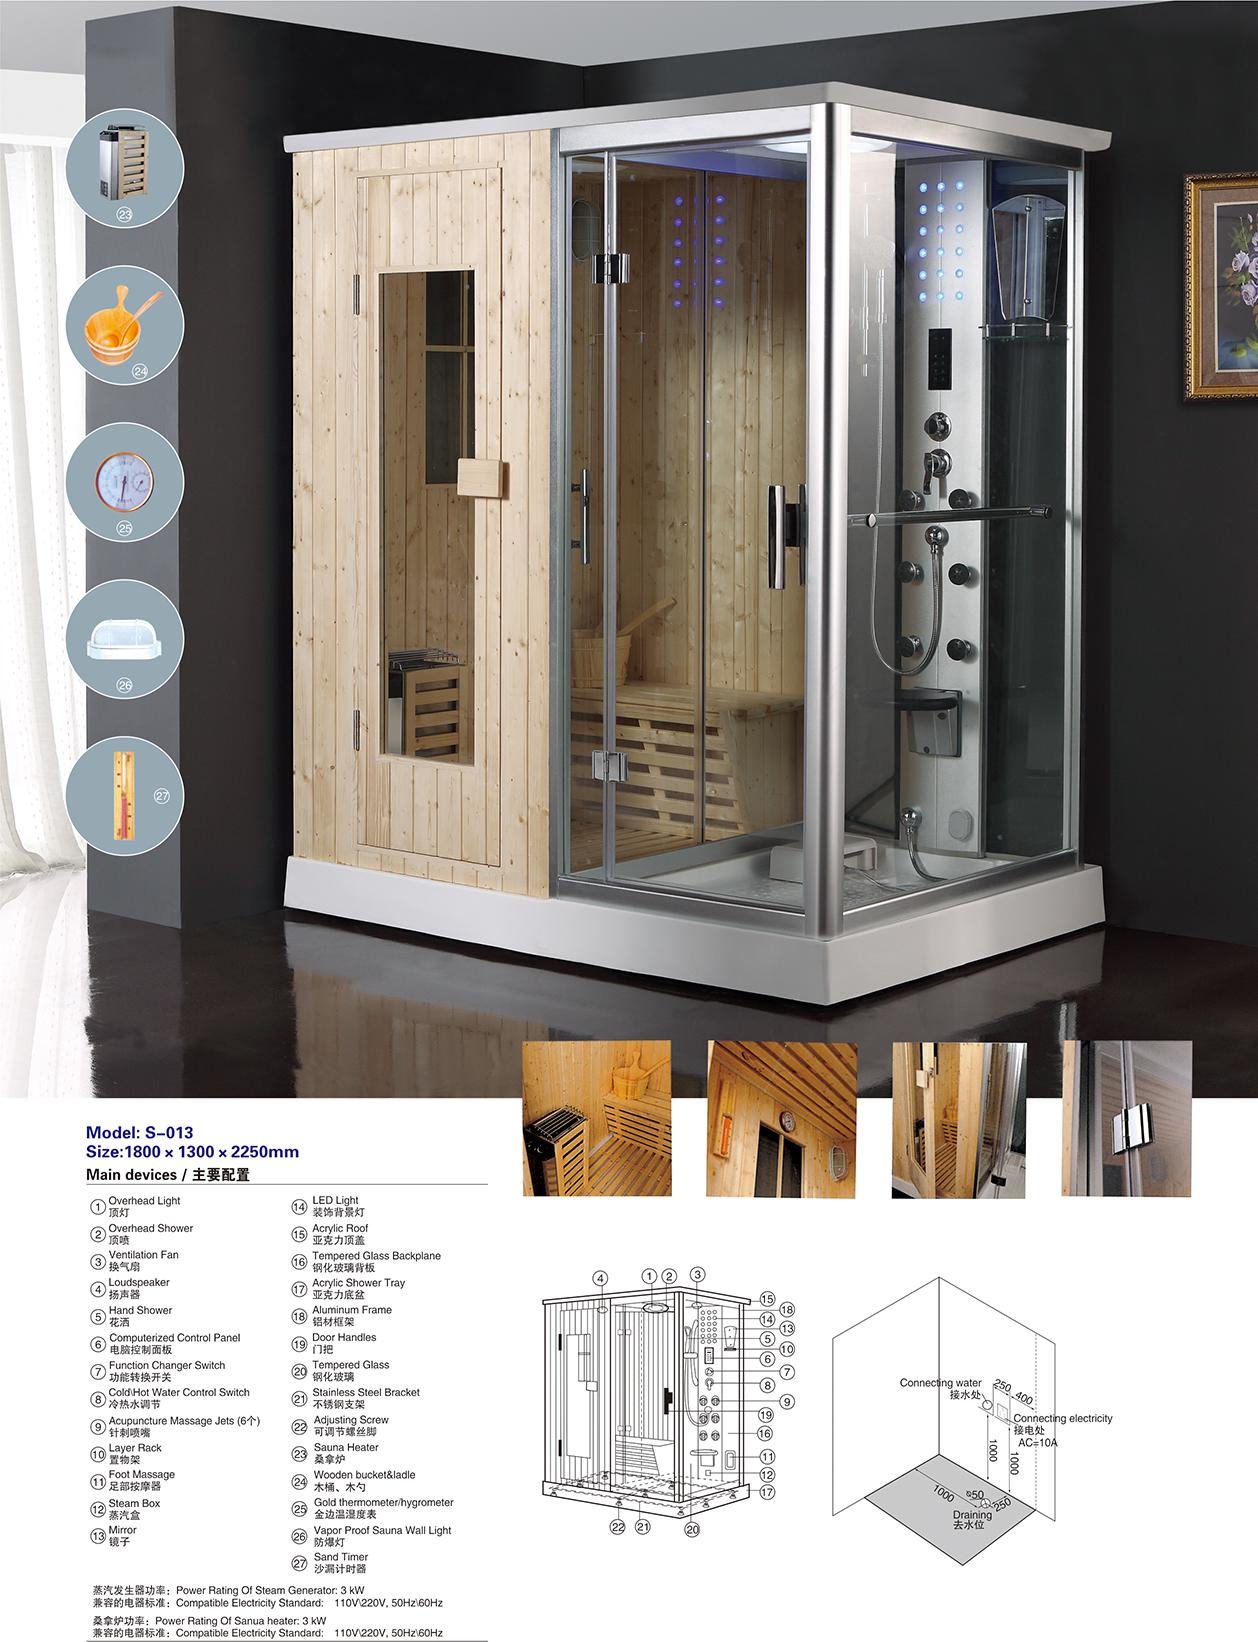 1.7米1.8独立浴室蒸汽房整体淋浴房湿蒸干蒸汽家用桑拿房汗蒸一体